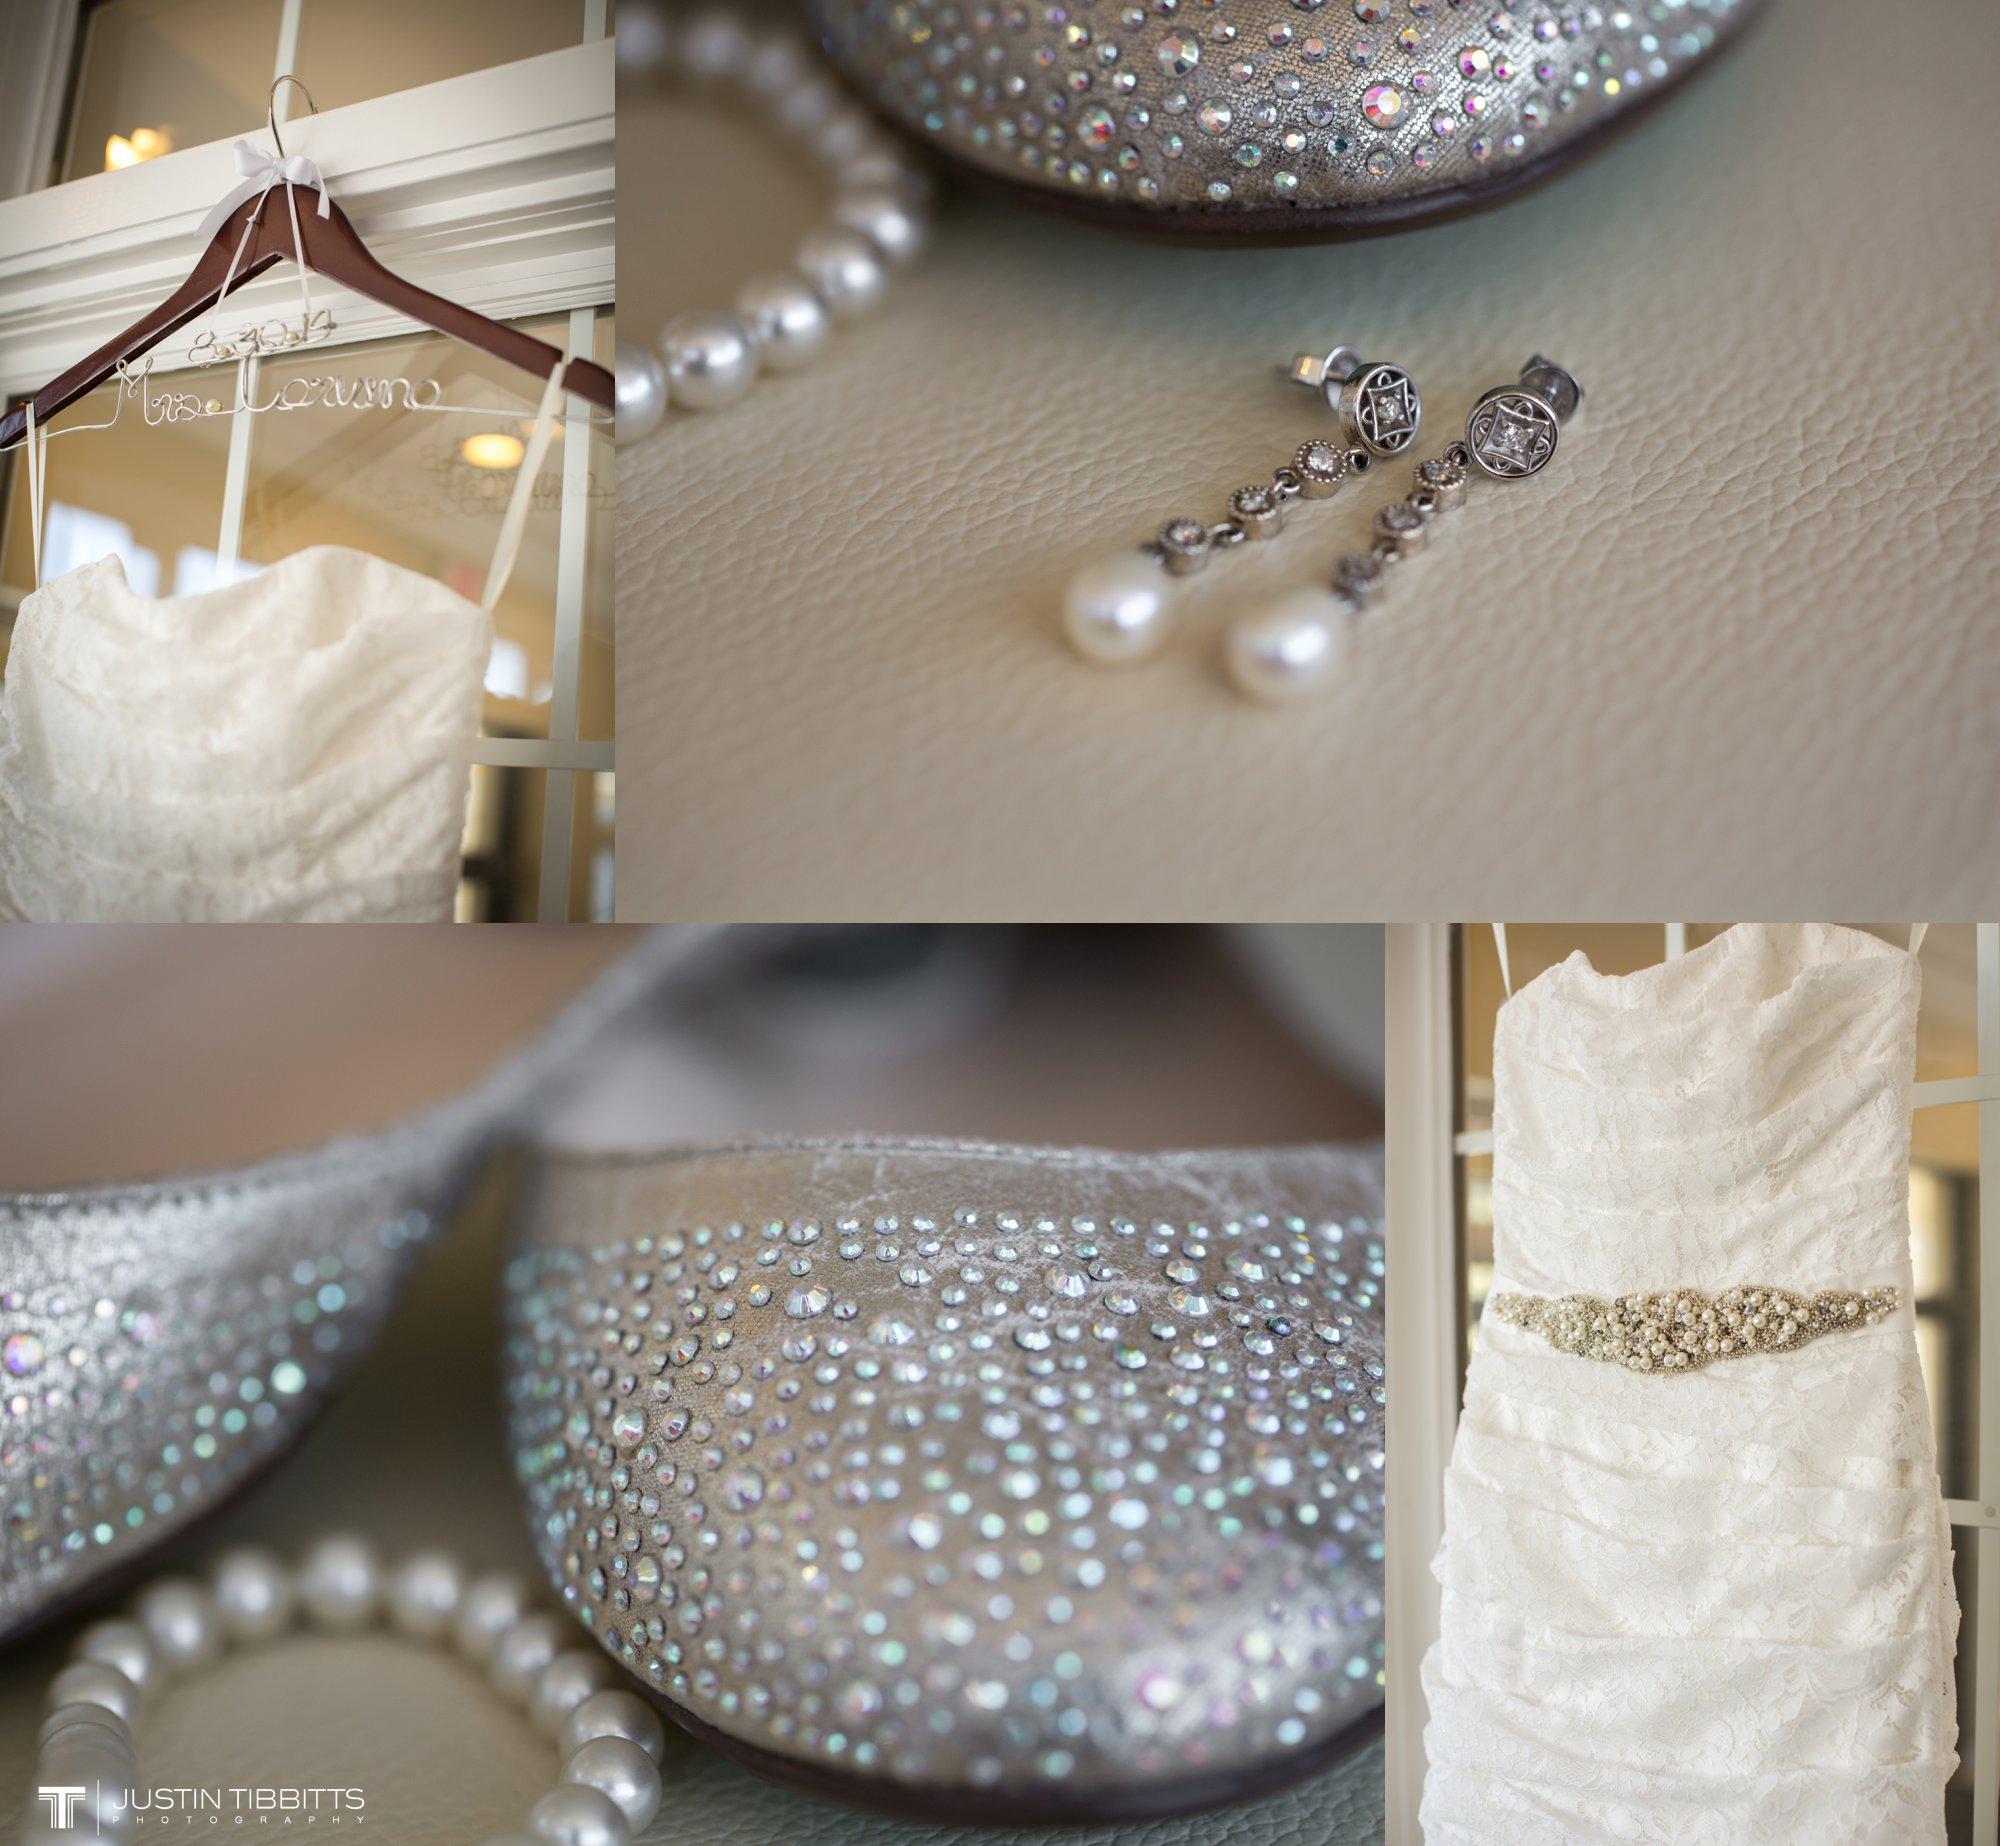 Albany NY Wedding Photographer Justin Tibbitts Photography 2014 Best of Albany NY Weddings-213427975159